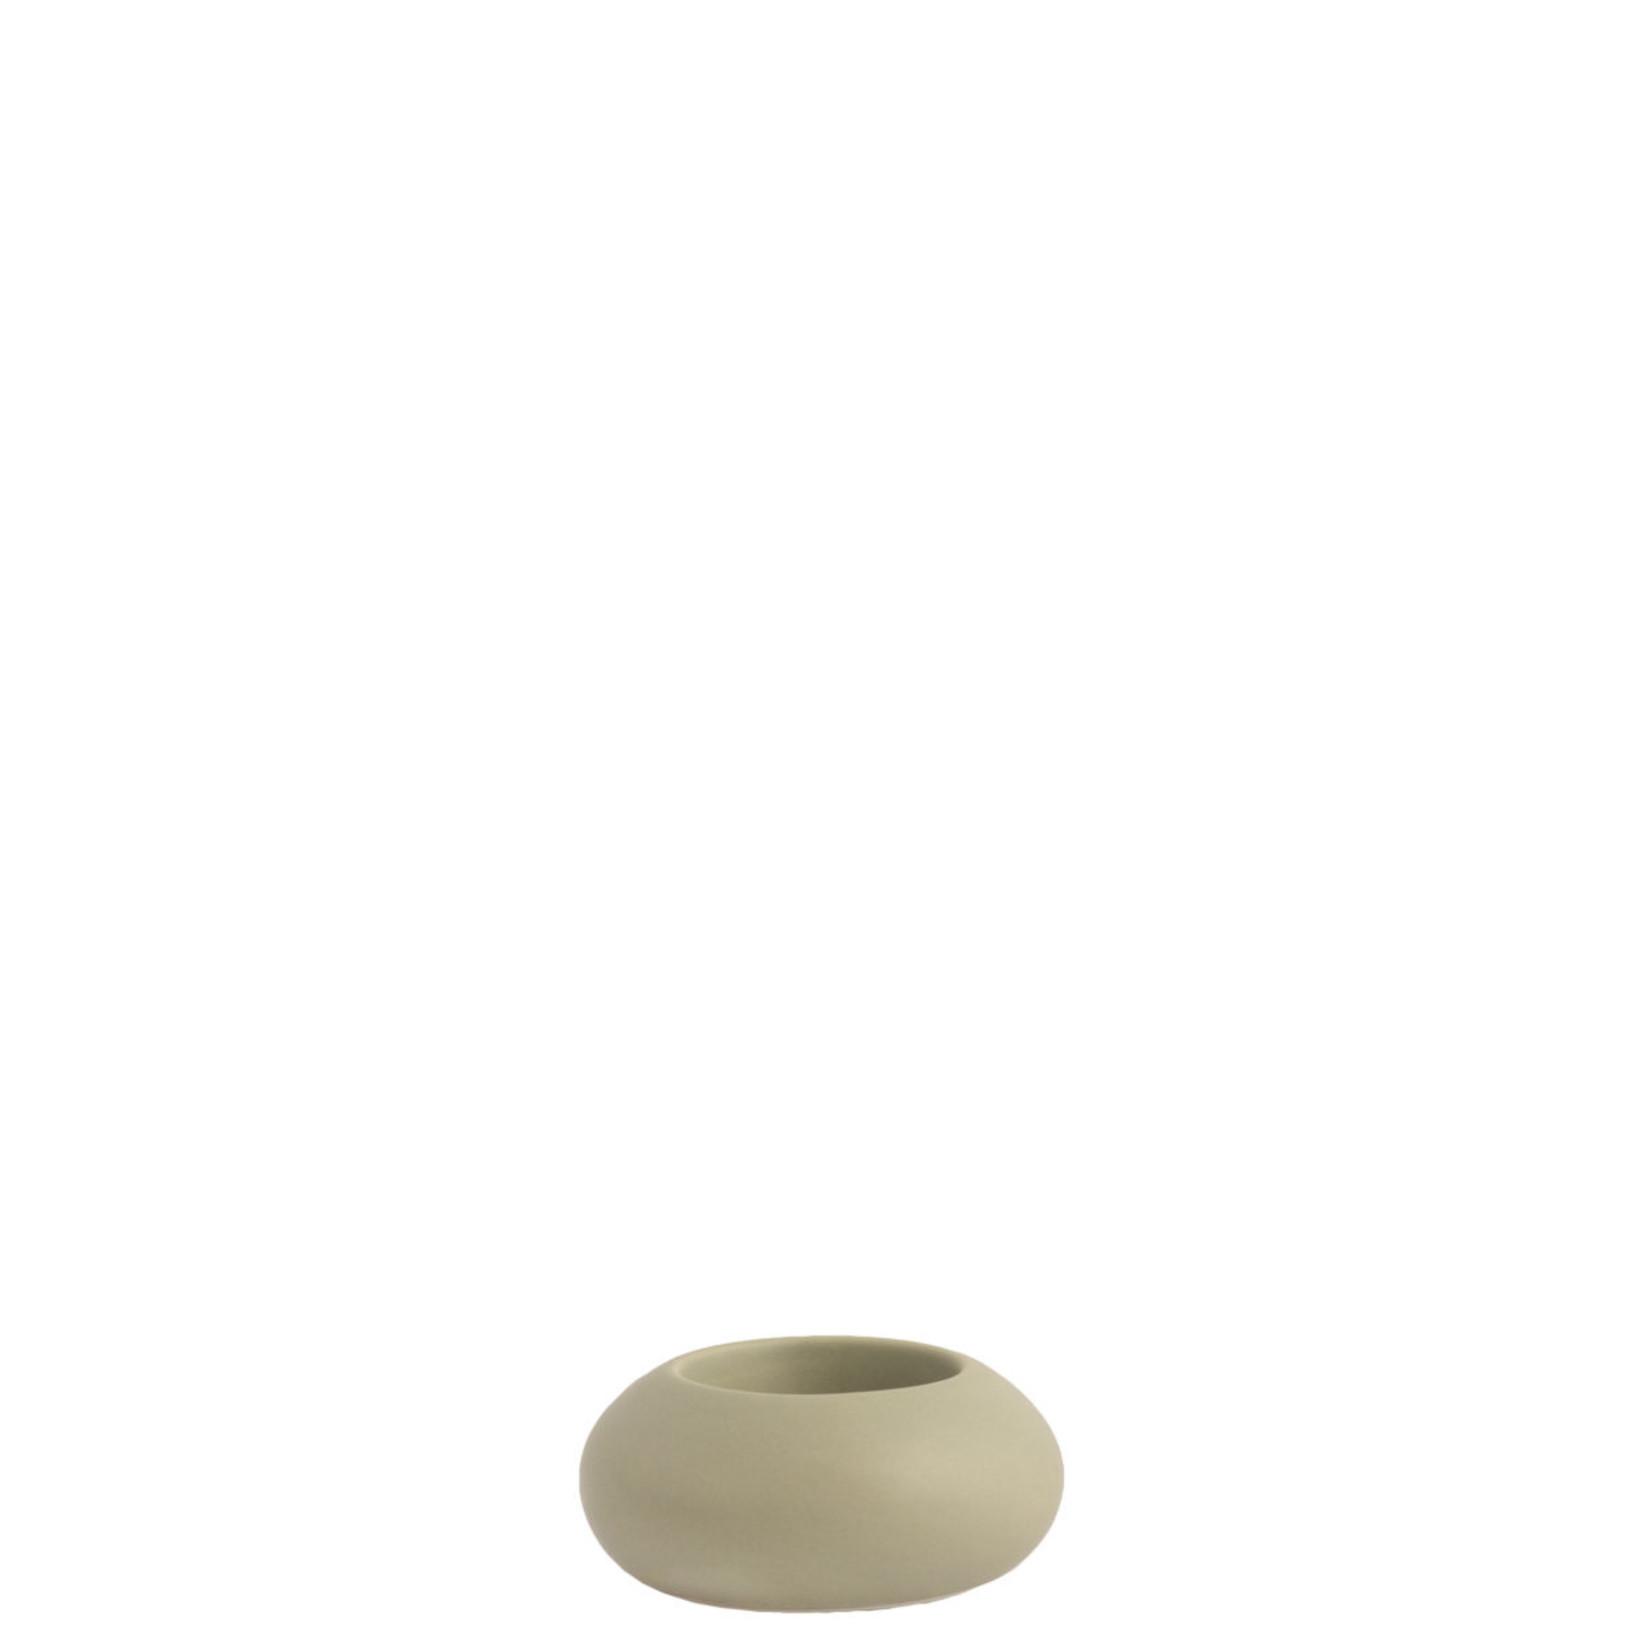 Storefactory  Teelichthalter Sandviken grün